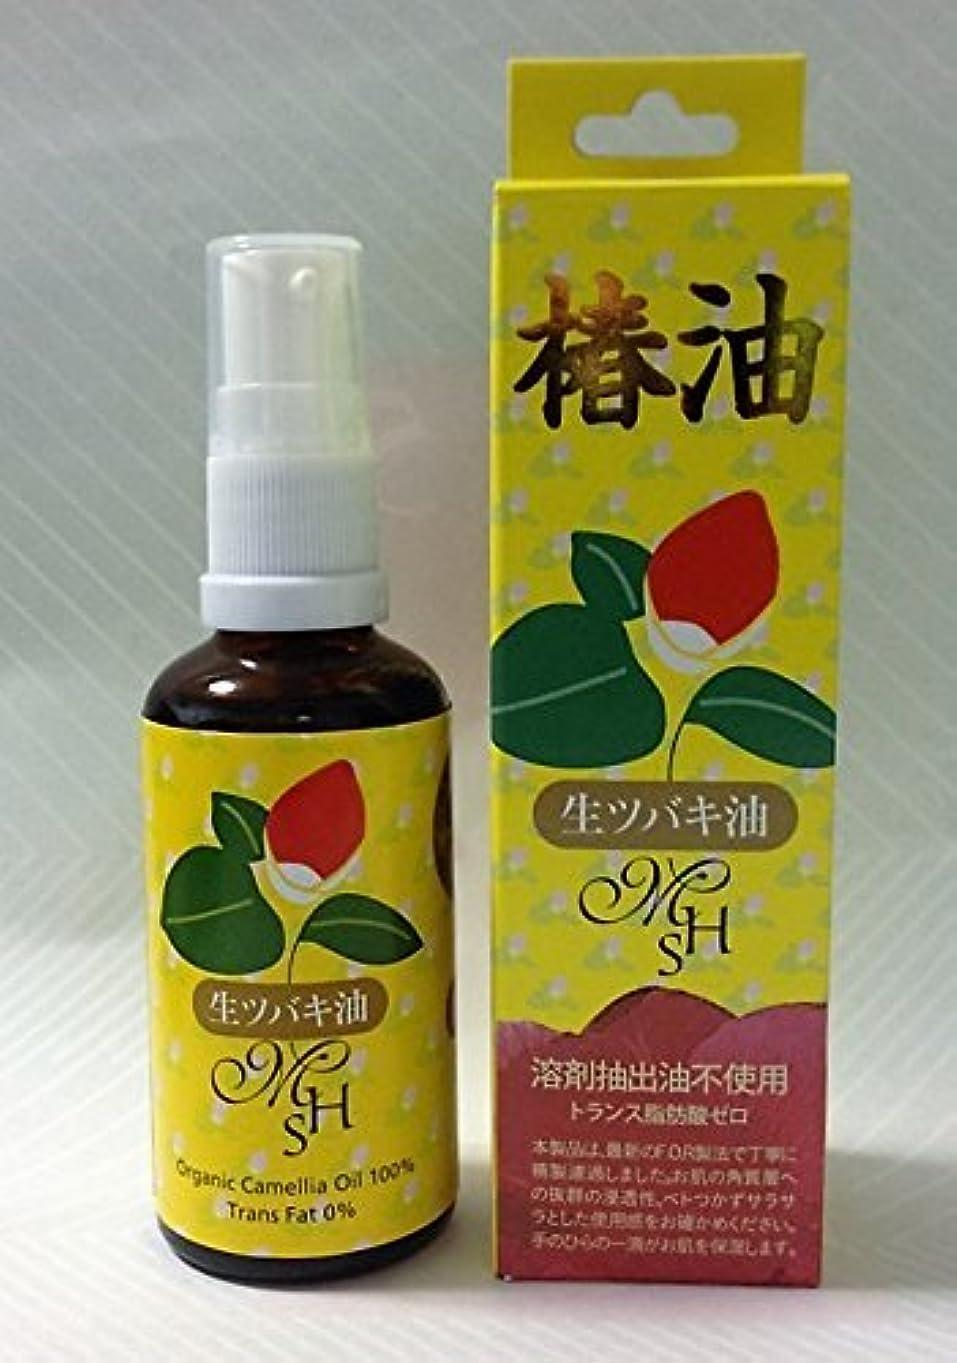 鹿物思いにふけるスタッフオーガニック 生ツバキ油(MHSオイル) 50ml